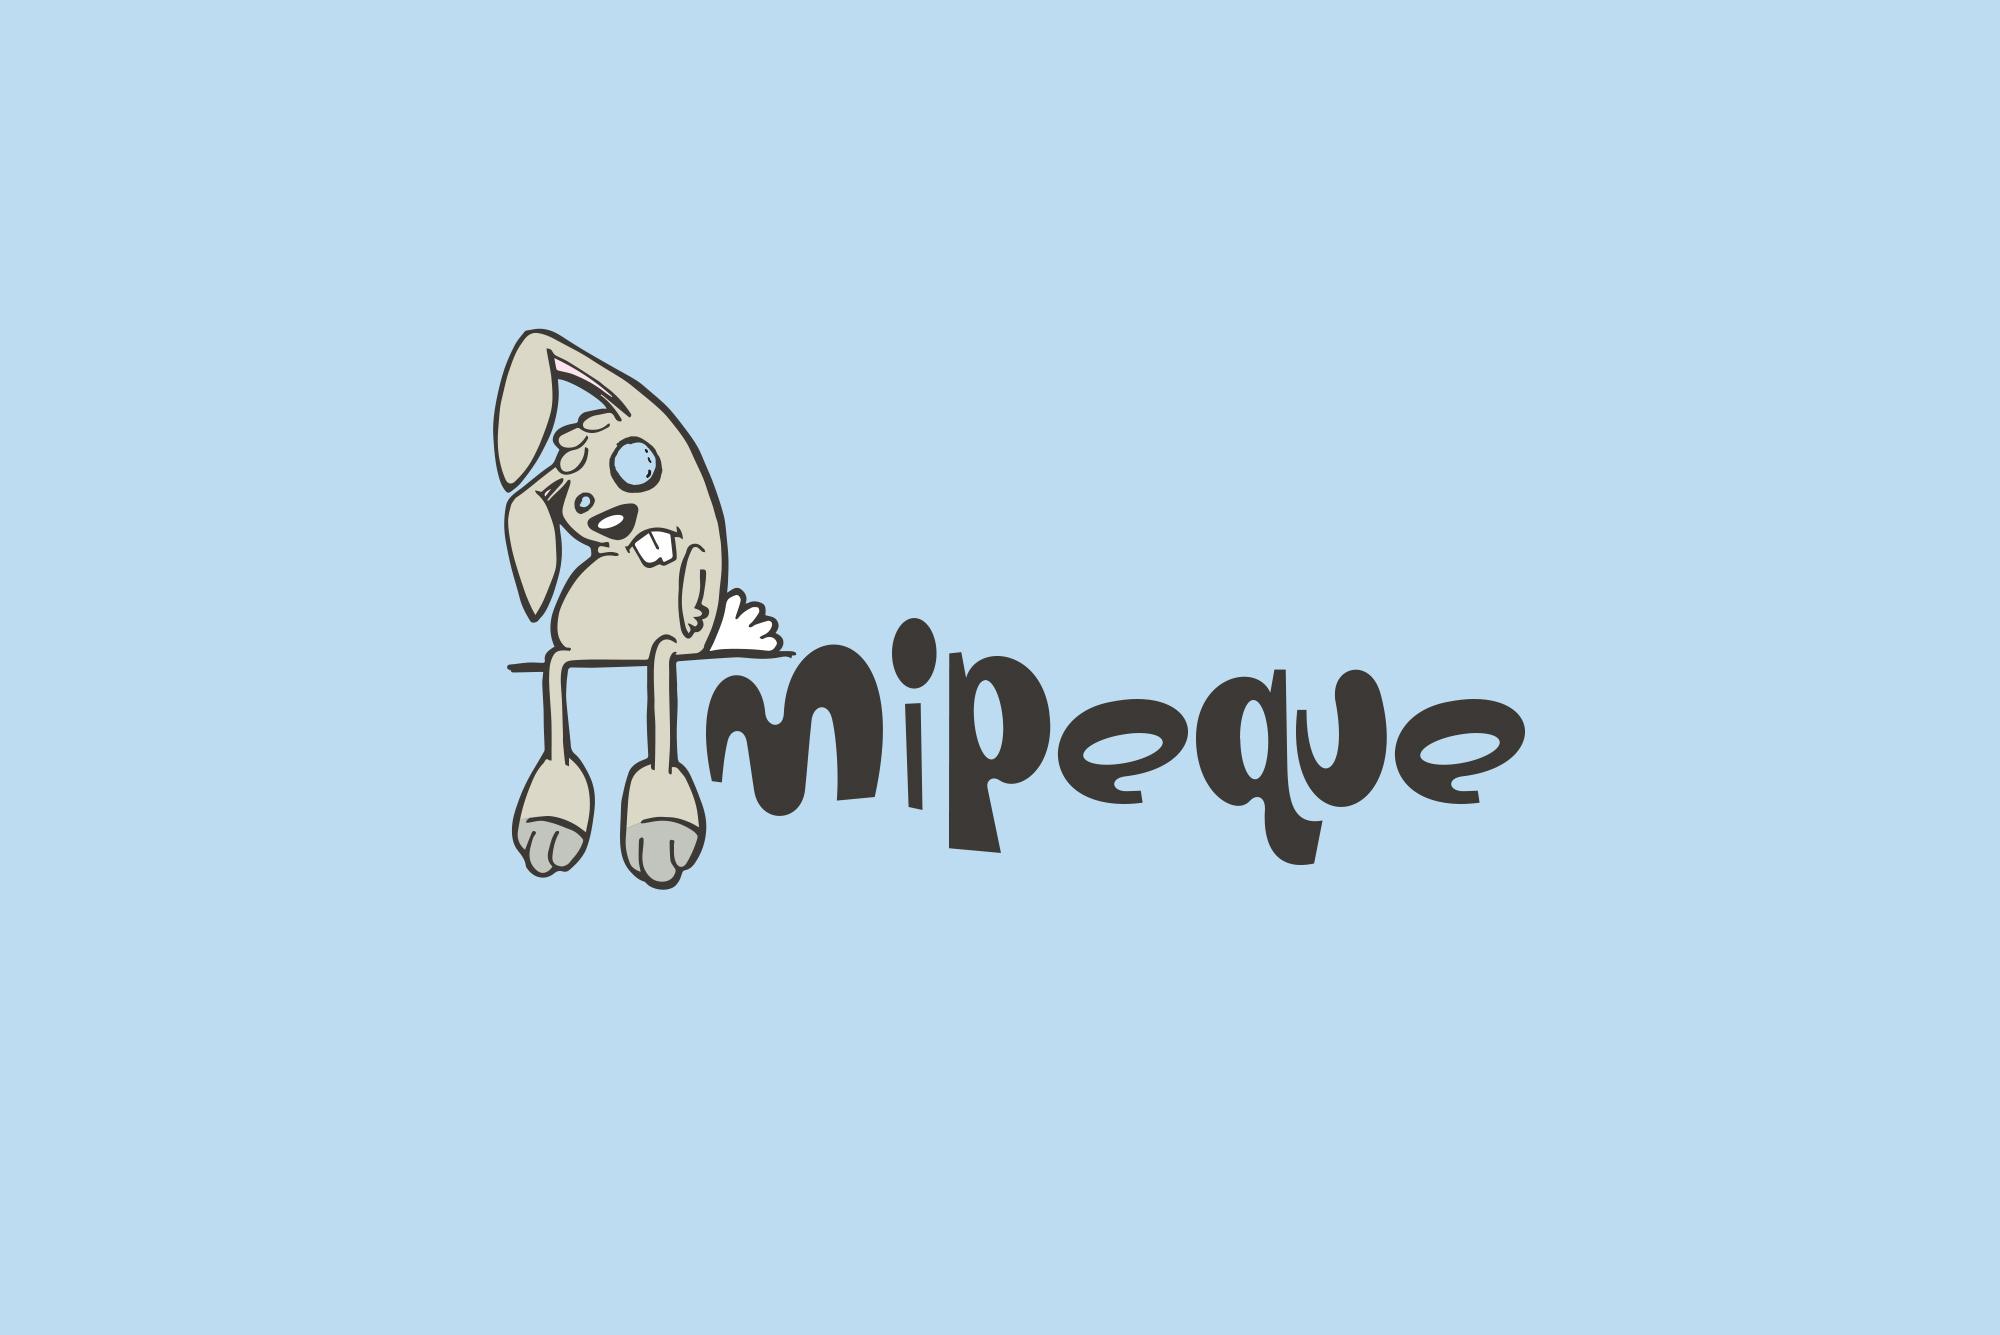 mipique